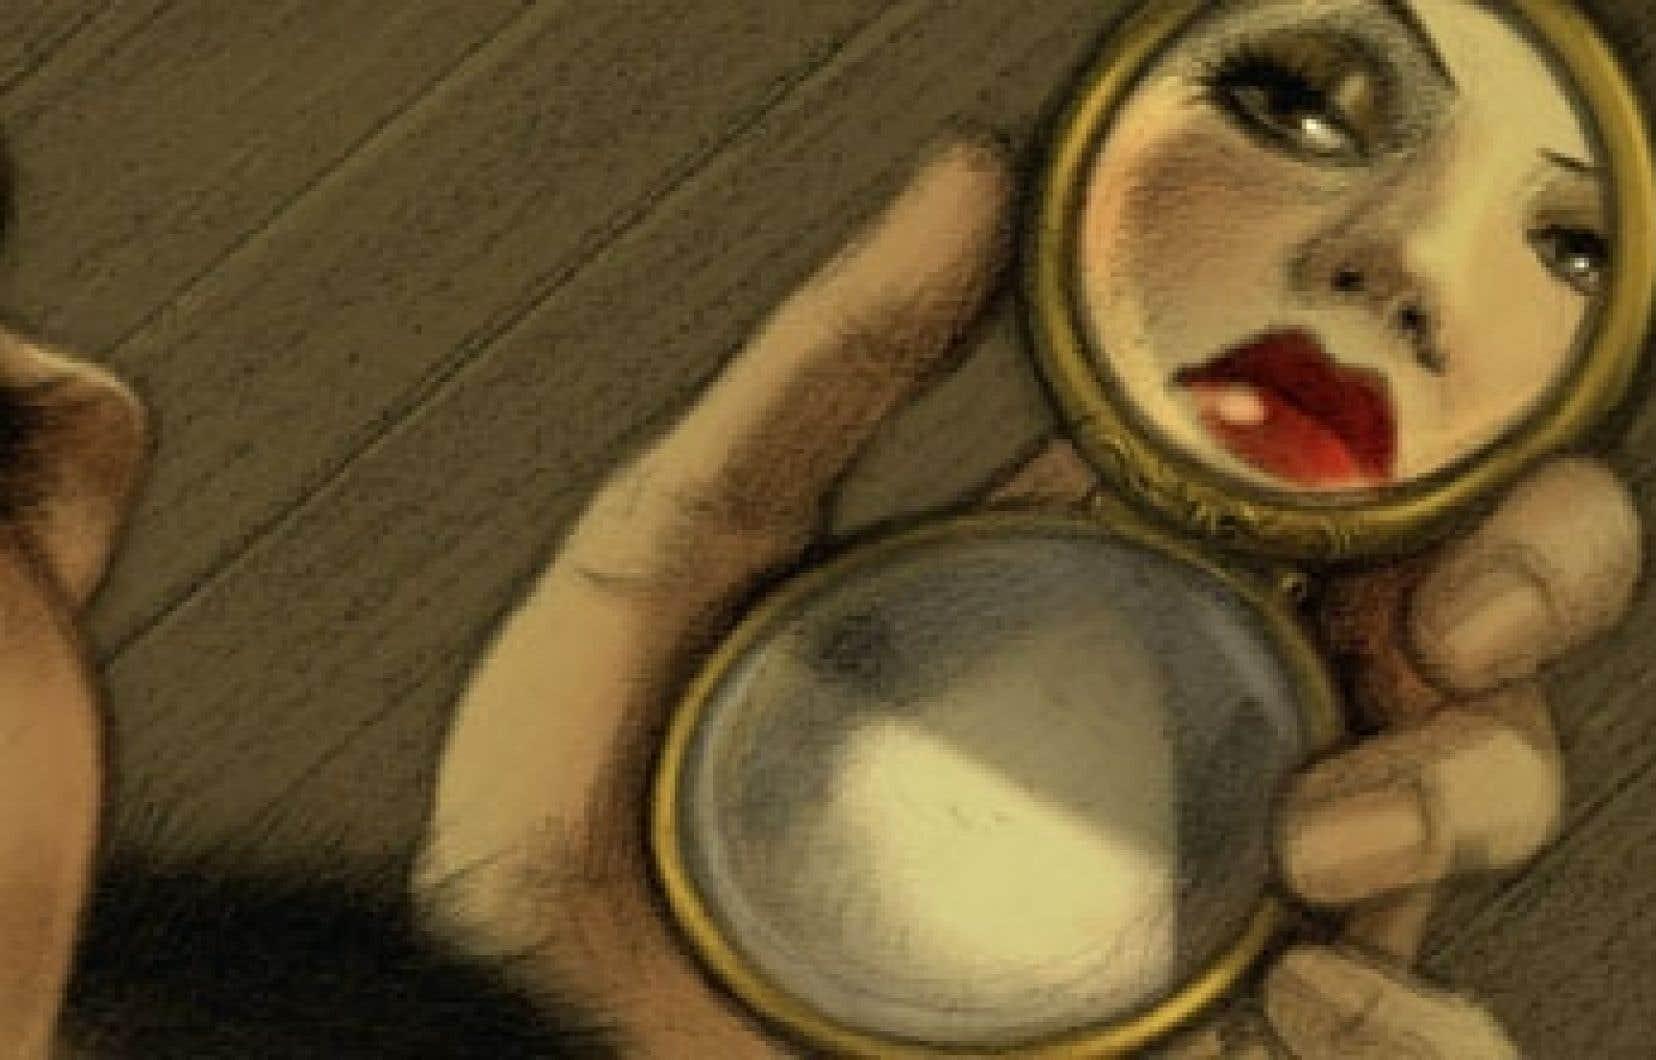 Une case tirée de la bande dessinée Violette Nozière, sur une jeune fille de 19 ans qui, dans la France des années 1930, n'a pas hésité à tuer ses parents pour ne pas avoir à renoncer à son existence oisive et festive.